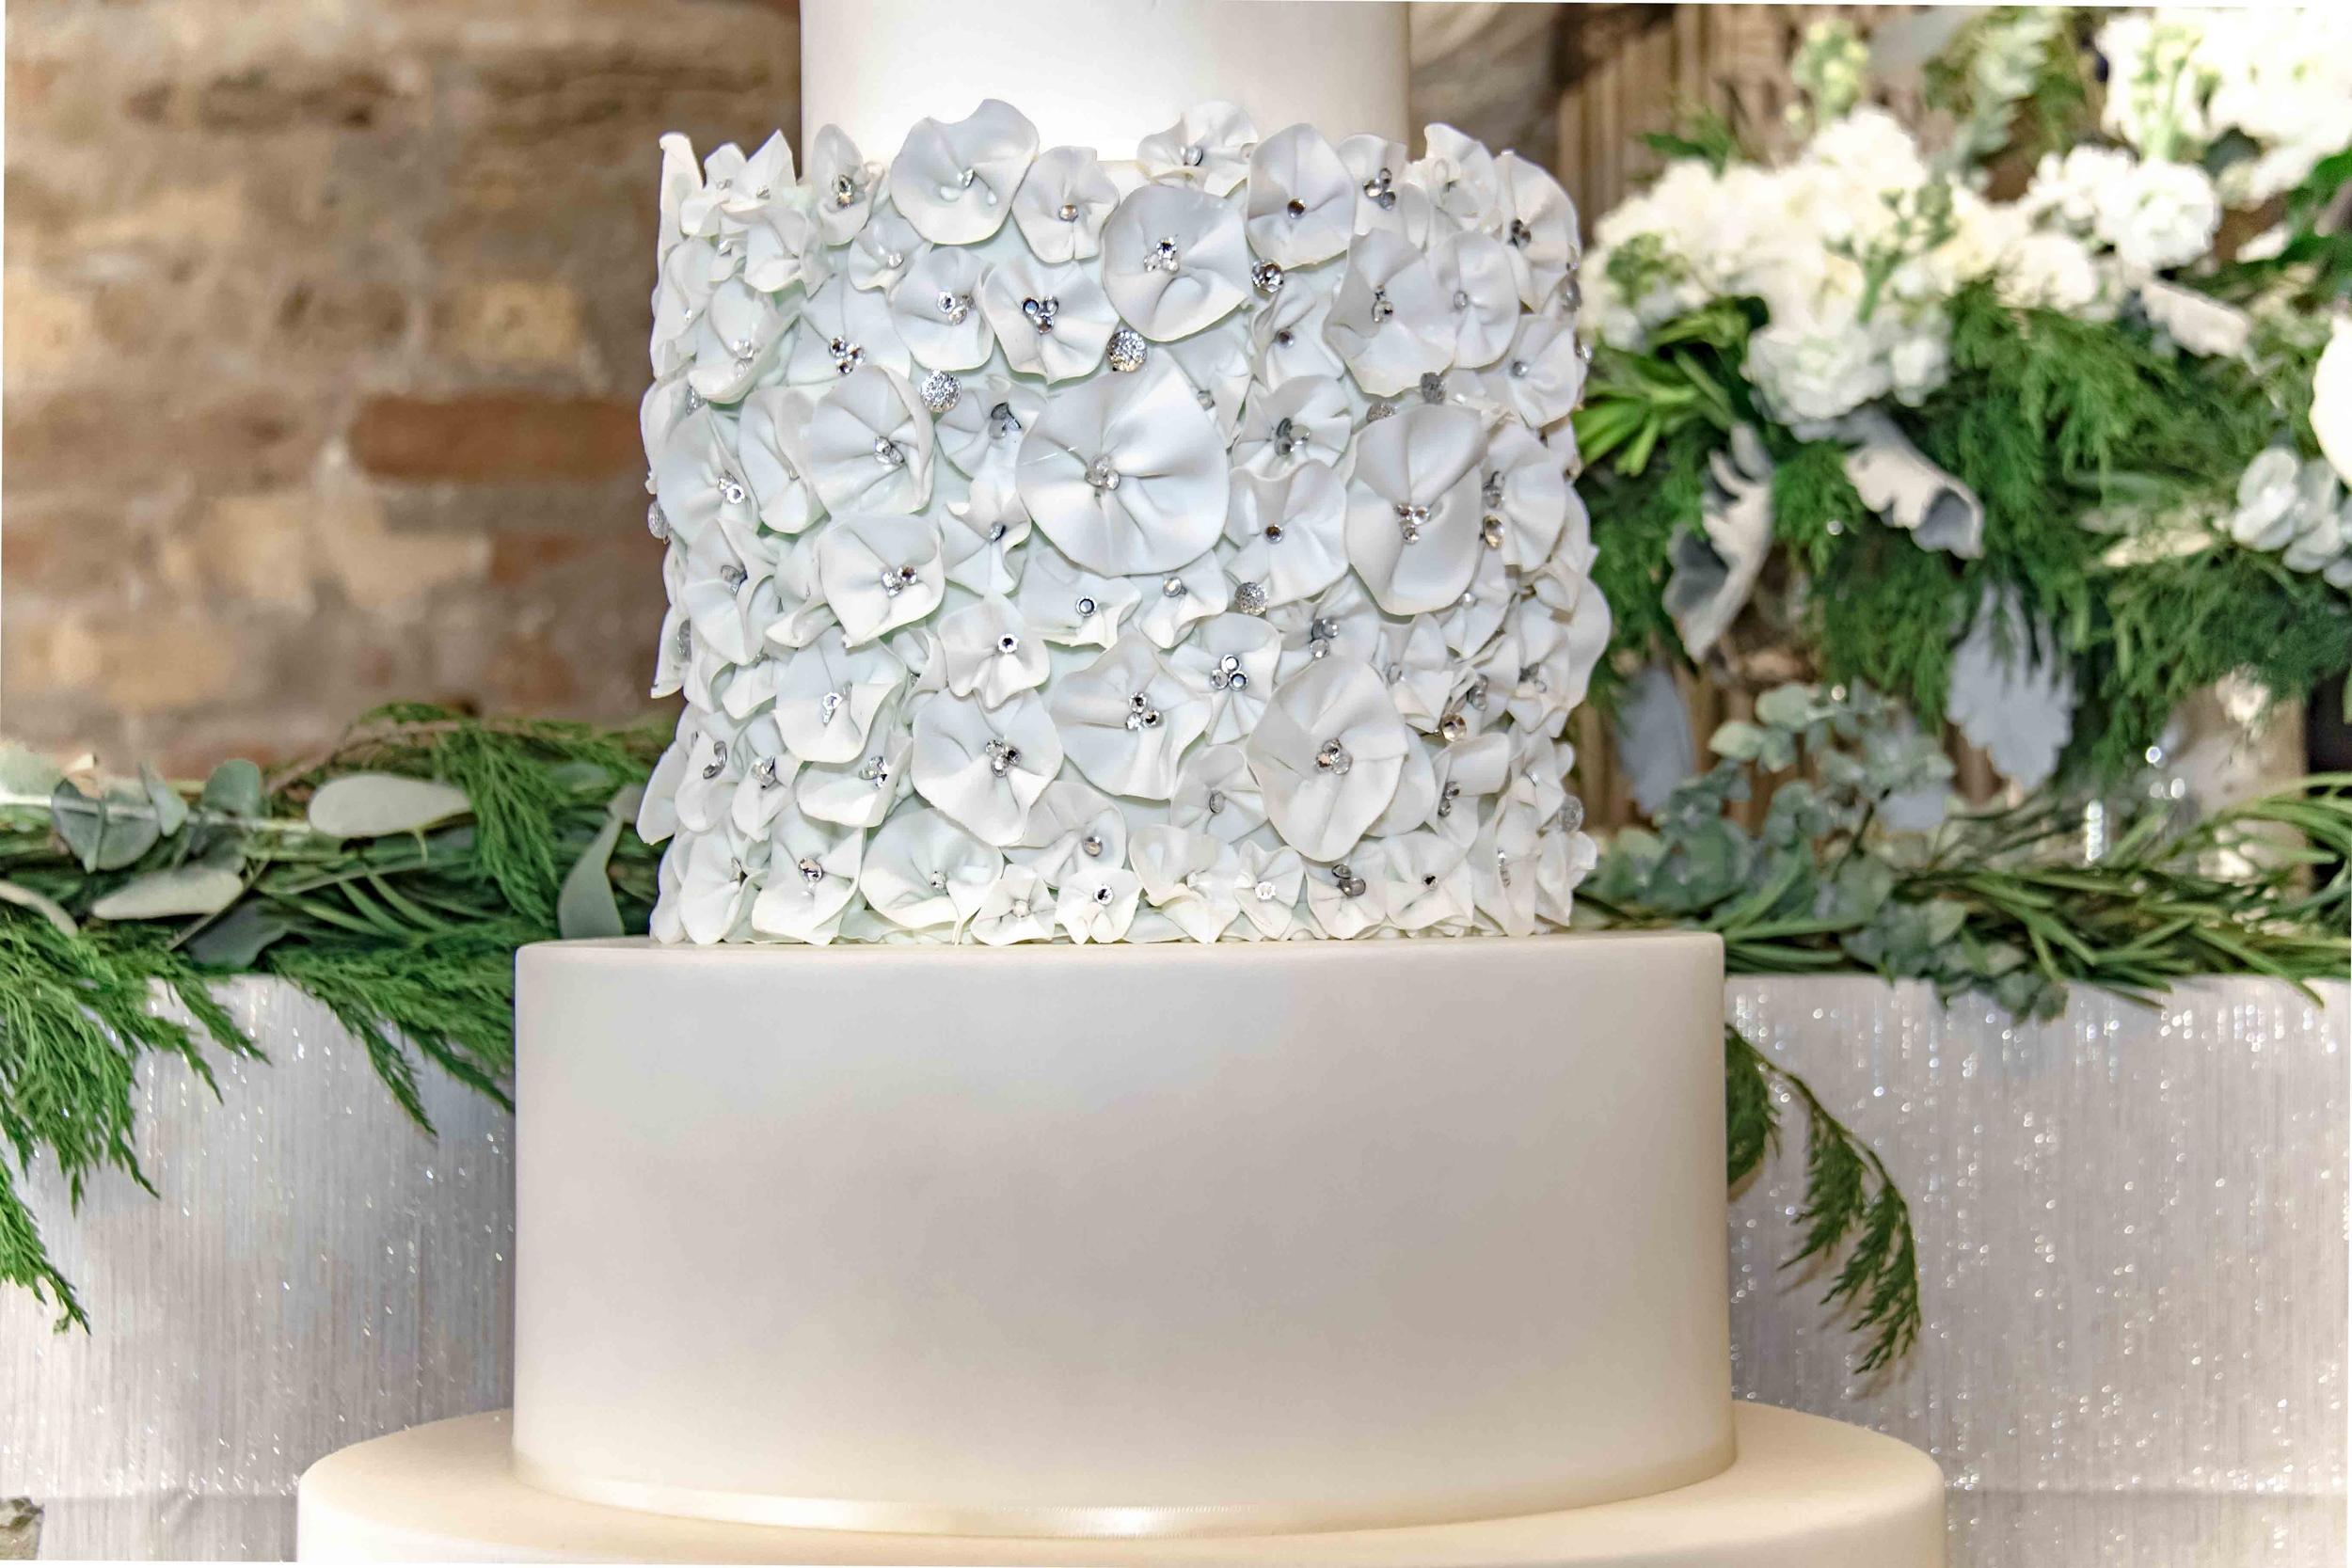 bonphotage wedding cake photography